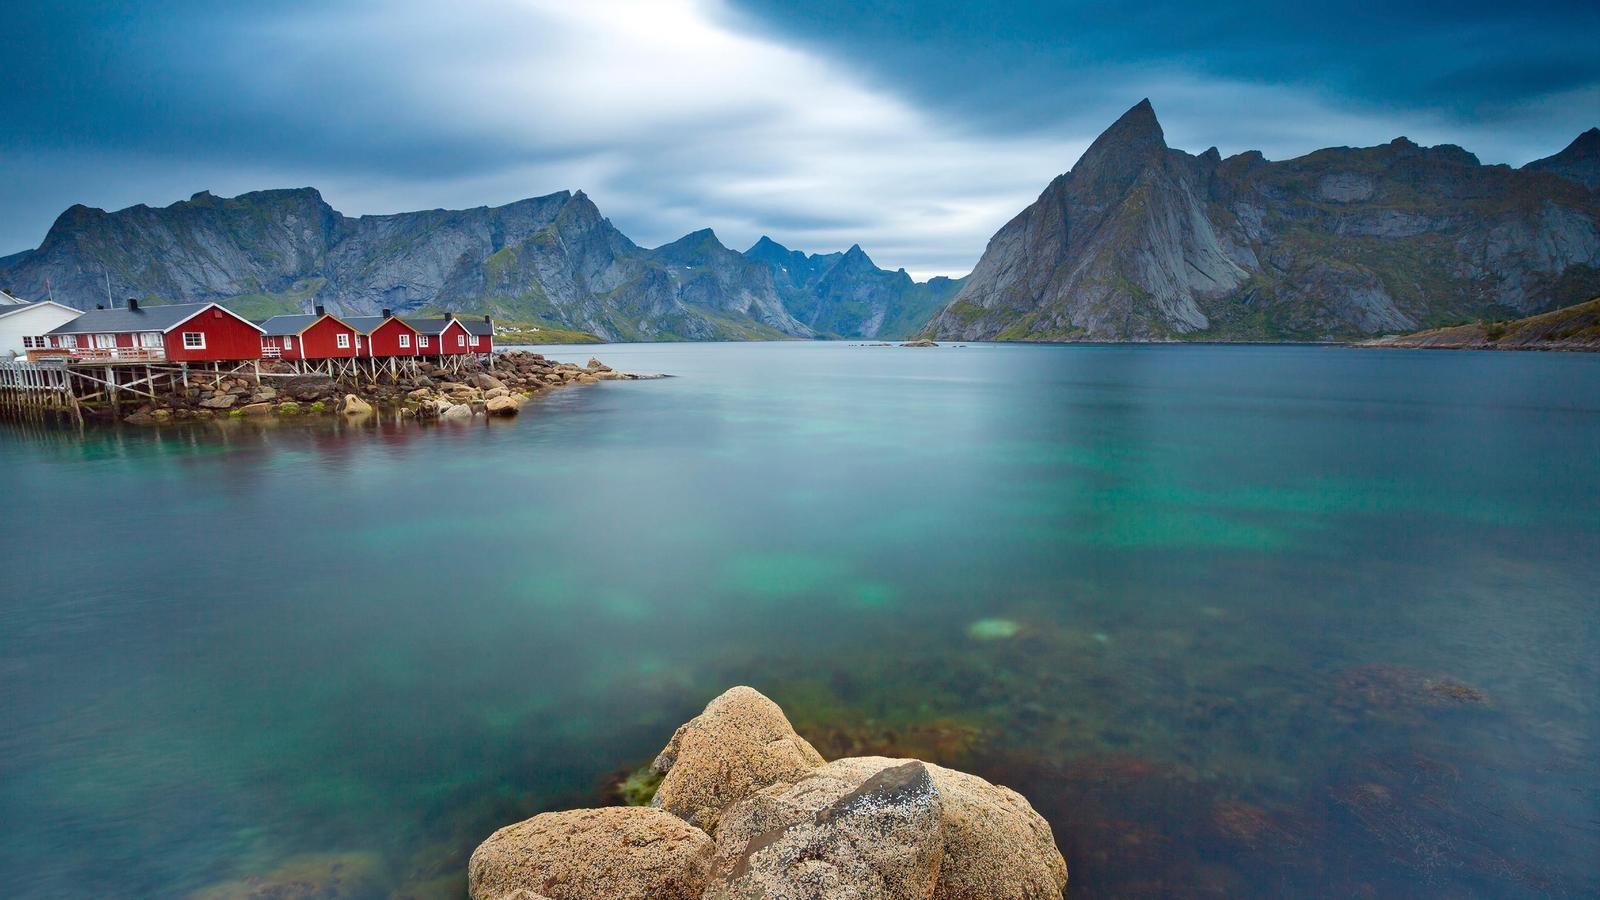 lugares donde nadar con delfines ballenas en libertad salvajes viajes turismo